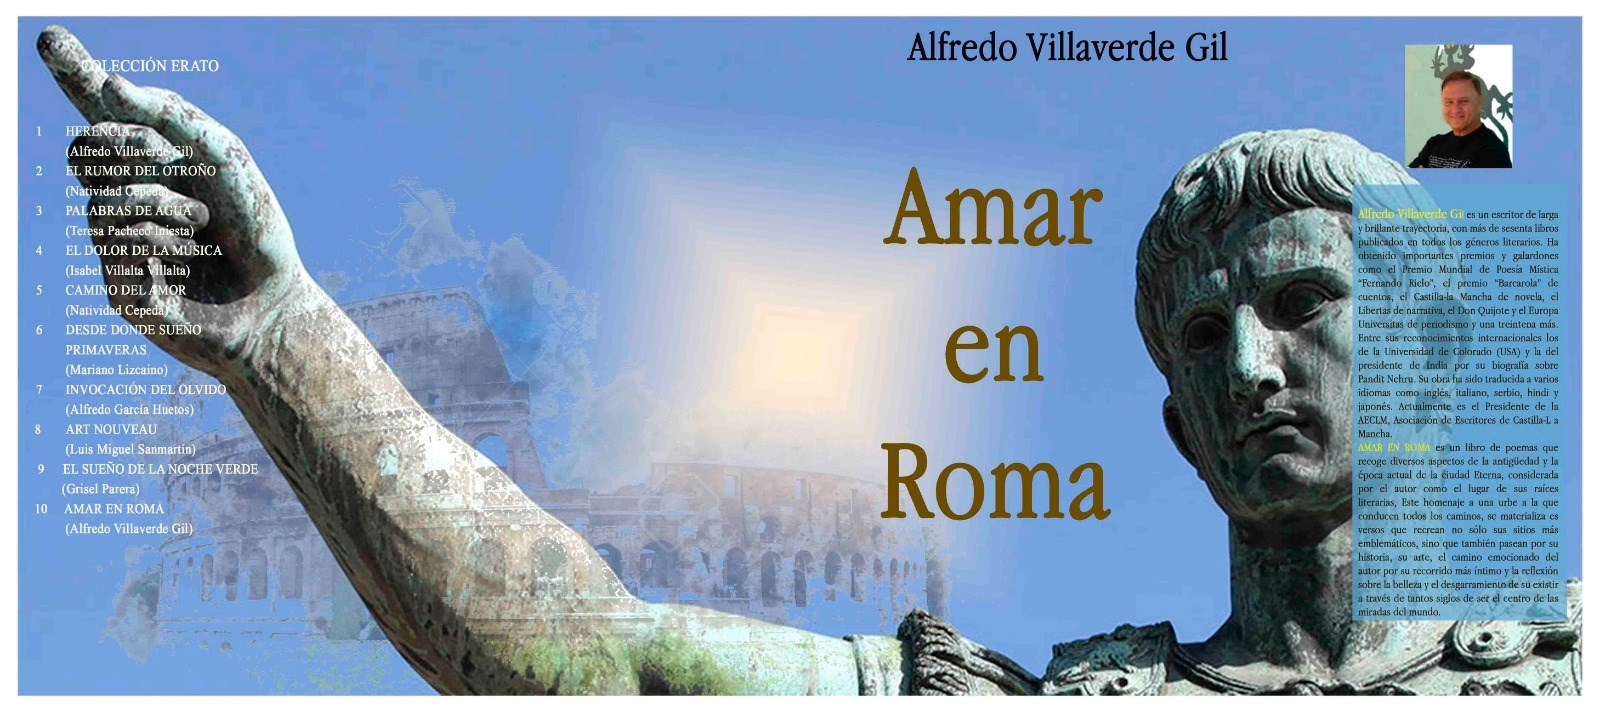 """Presentación del libro """"Amar en Roma"""" de Alfredo Villaverde Gil"""